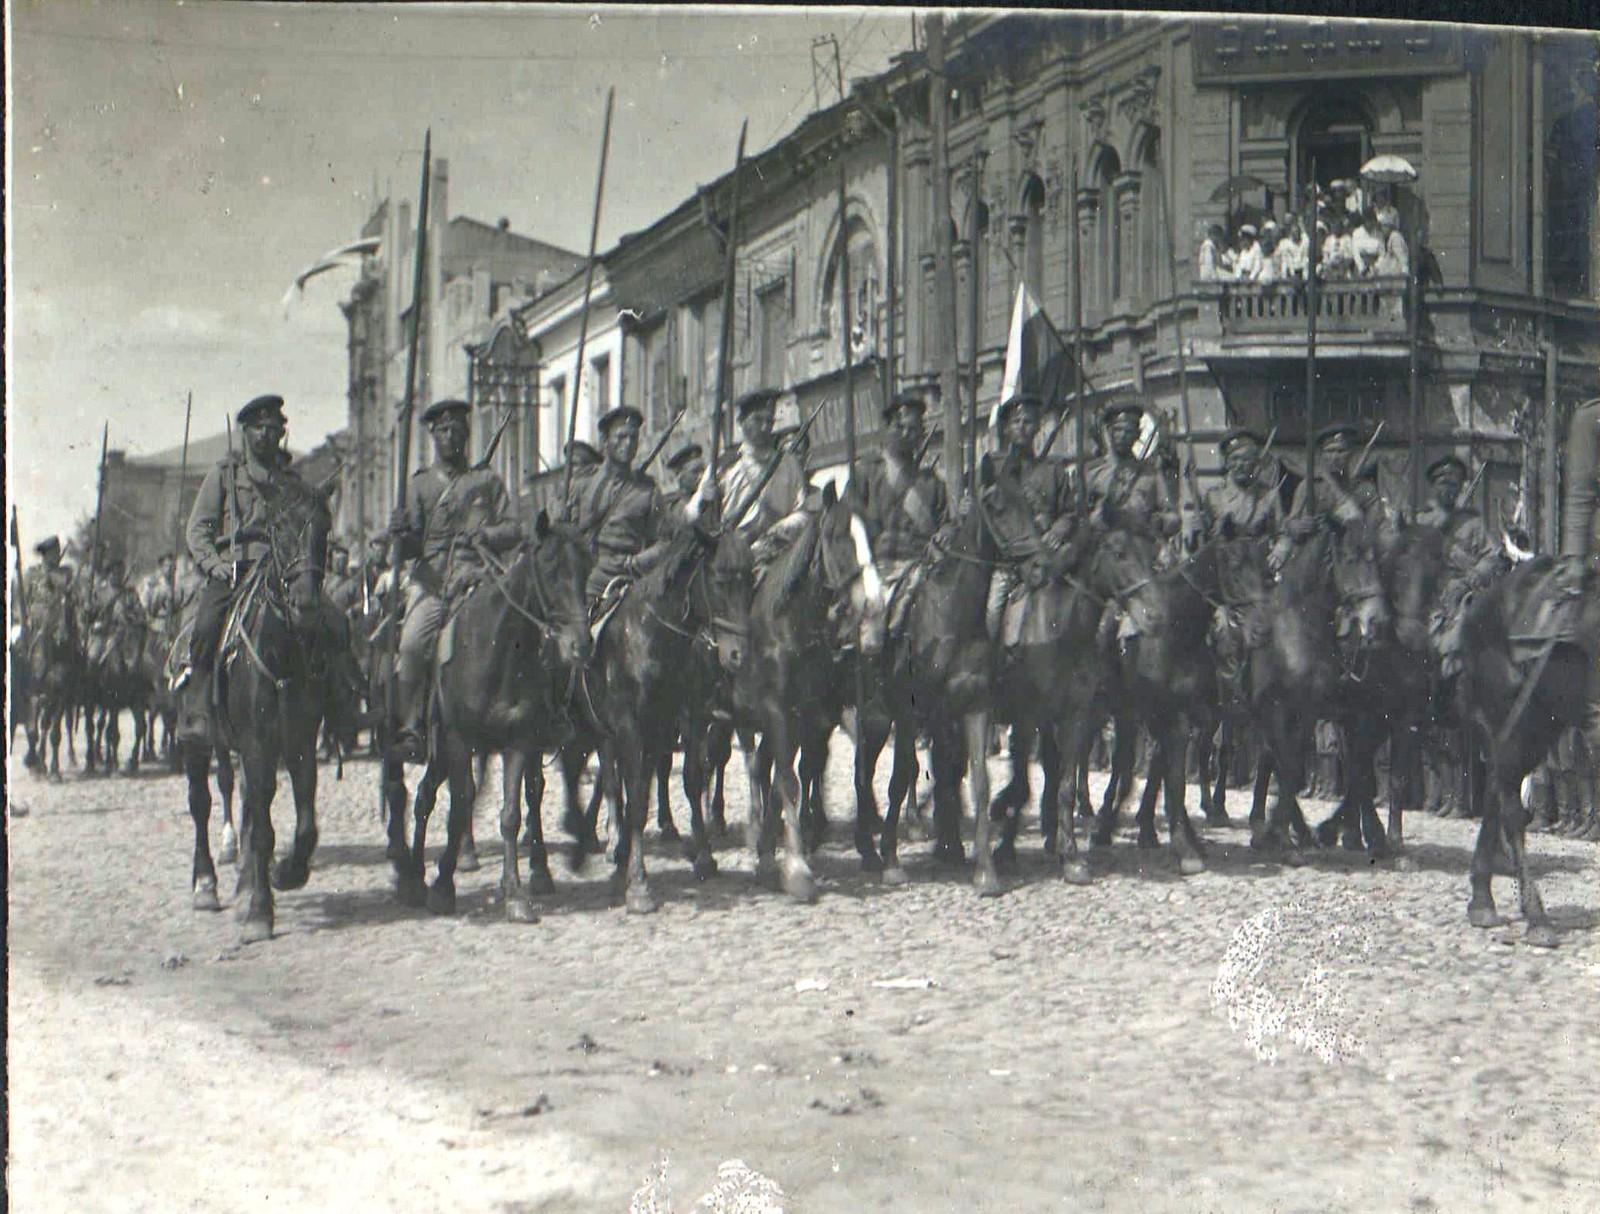 170. 1919. Вступление Добровольческой армии в освобождённый Харьков 25 июня